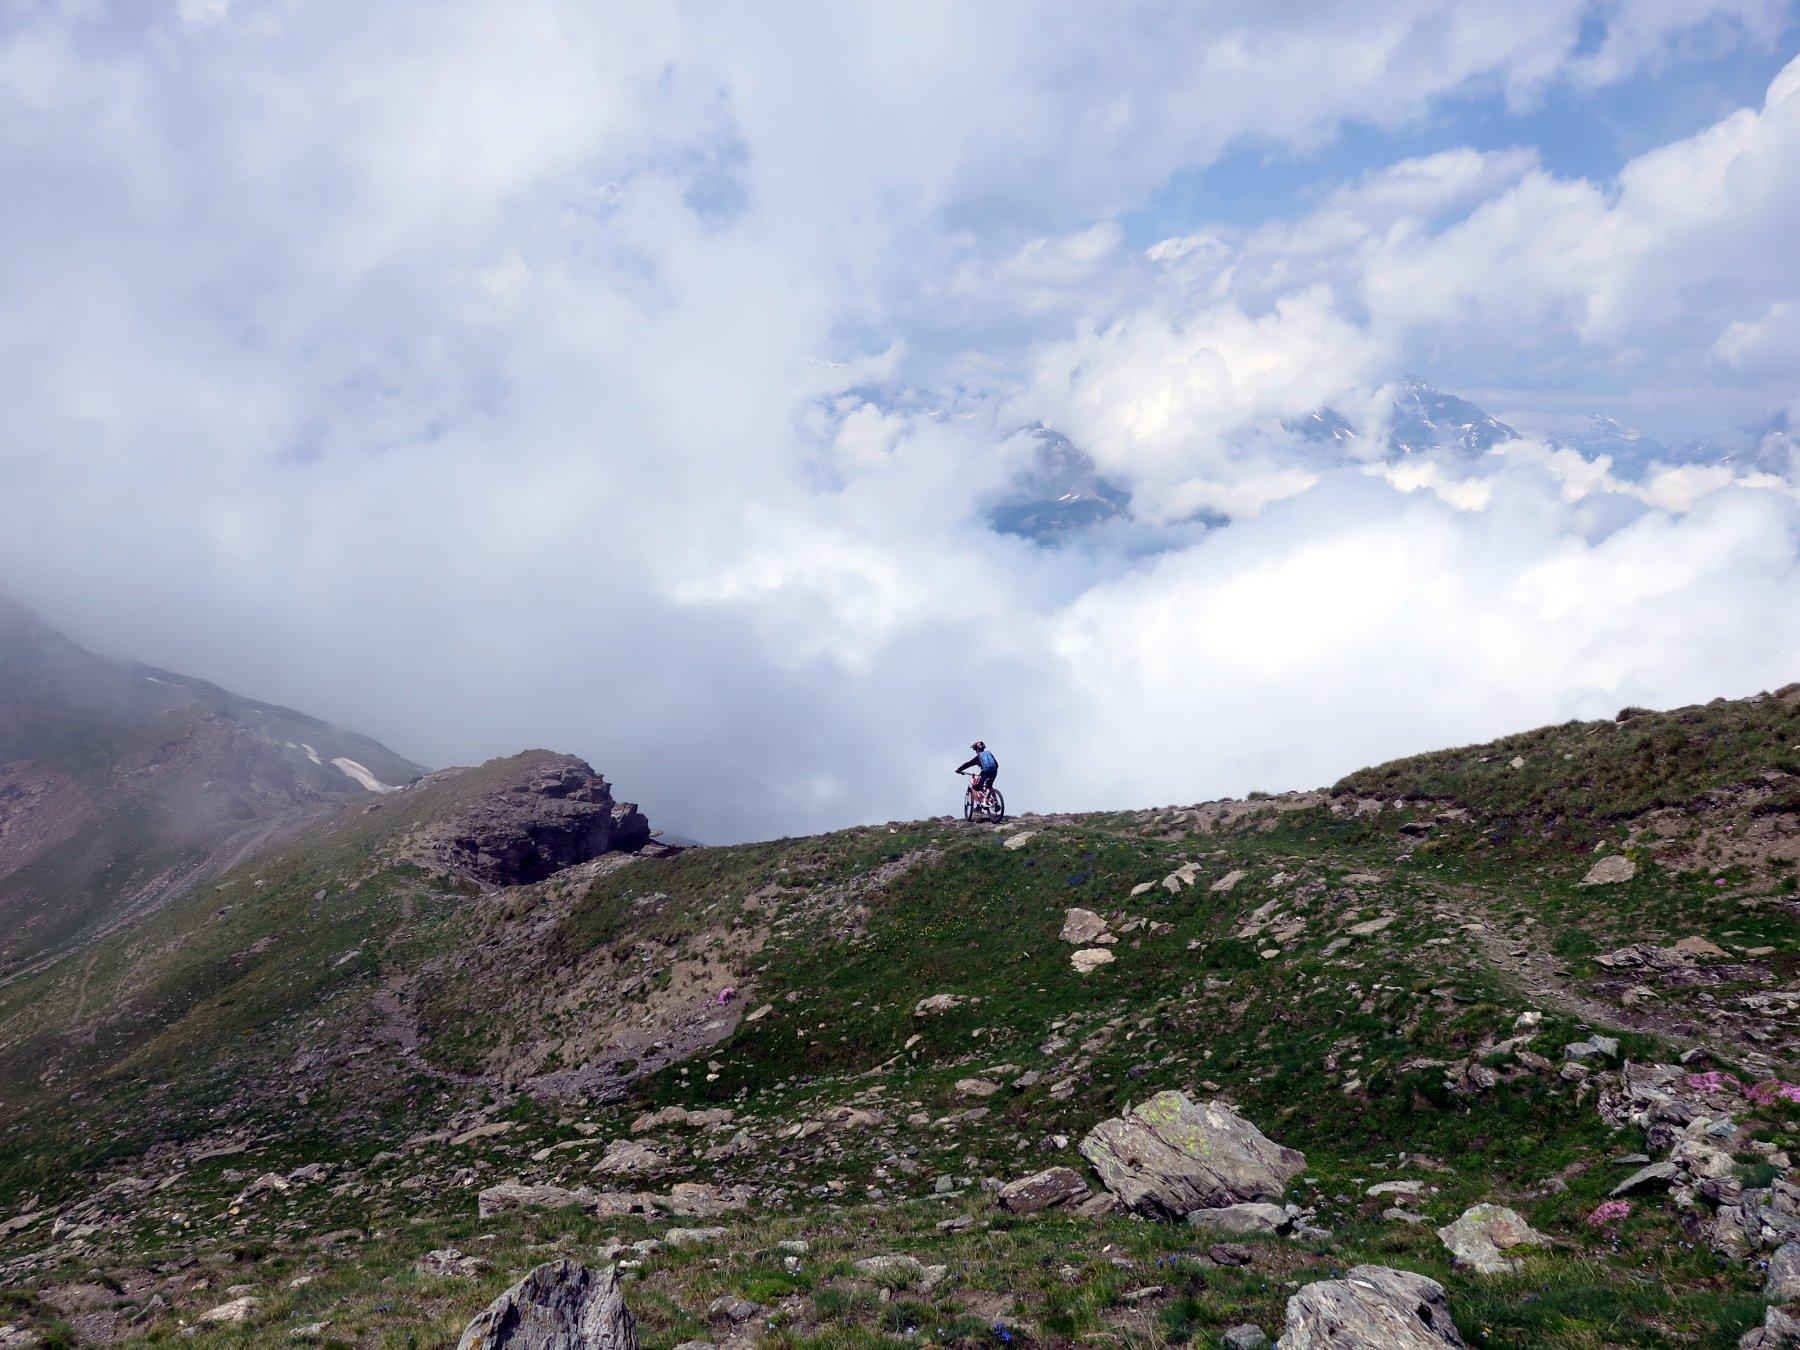 Strepitoso sentiero dalla cima verso il Gran Serin